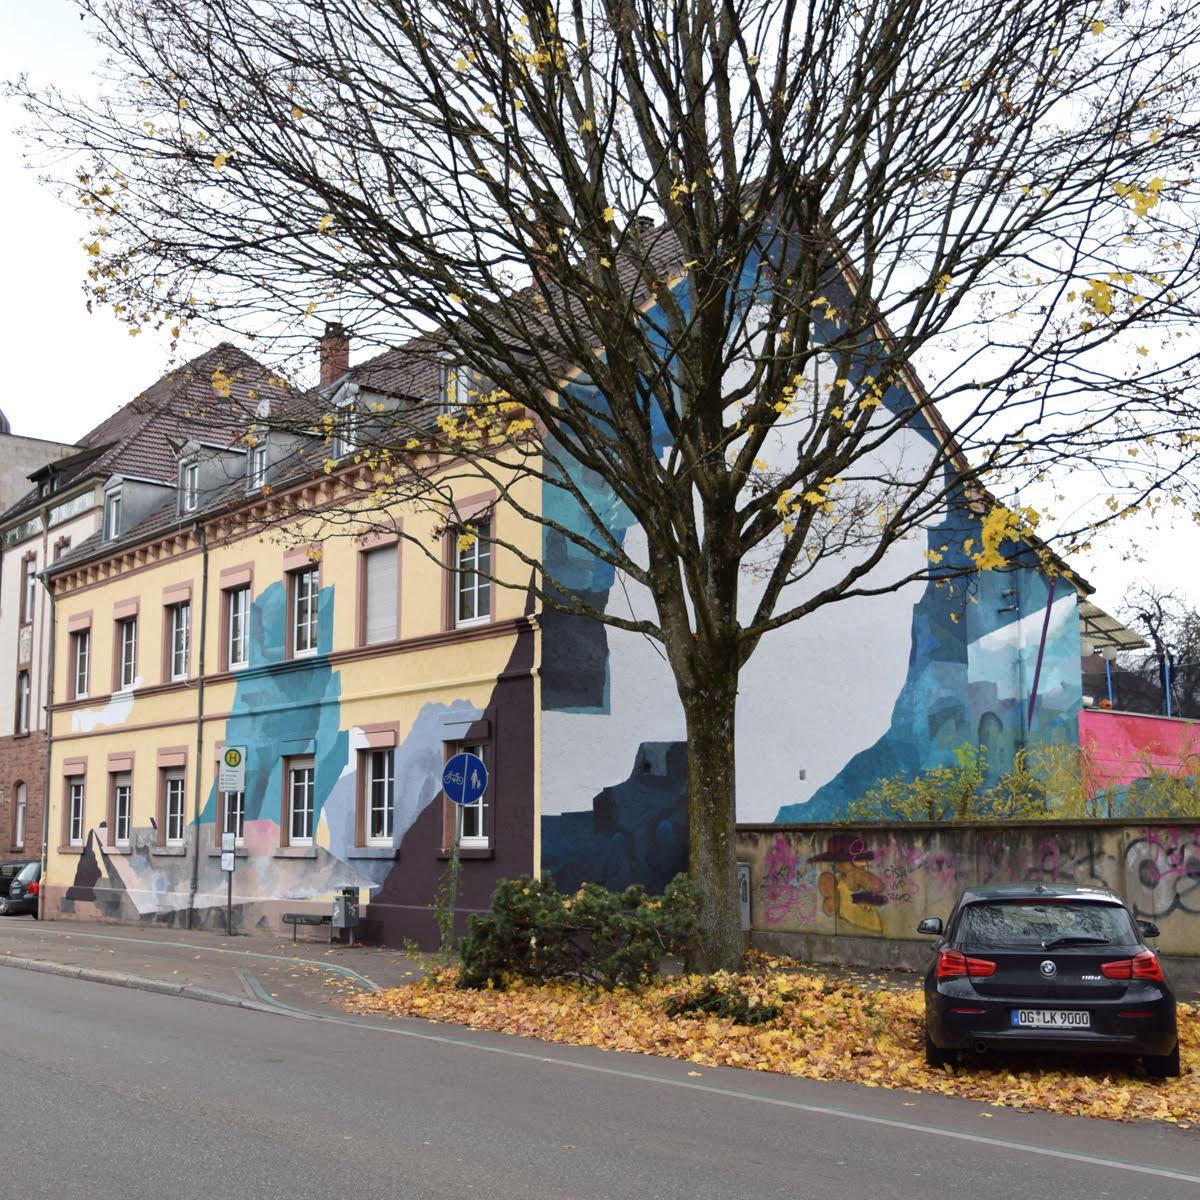 Johannes Mundinger Elias Errerd Street Art Mural Offenburg